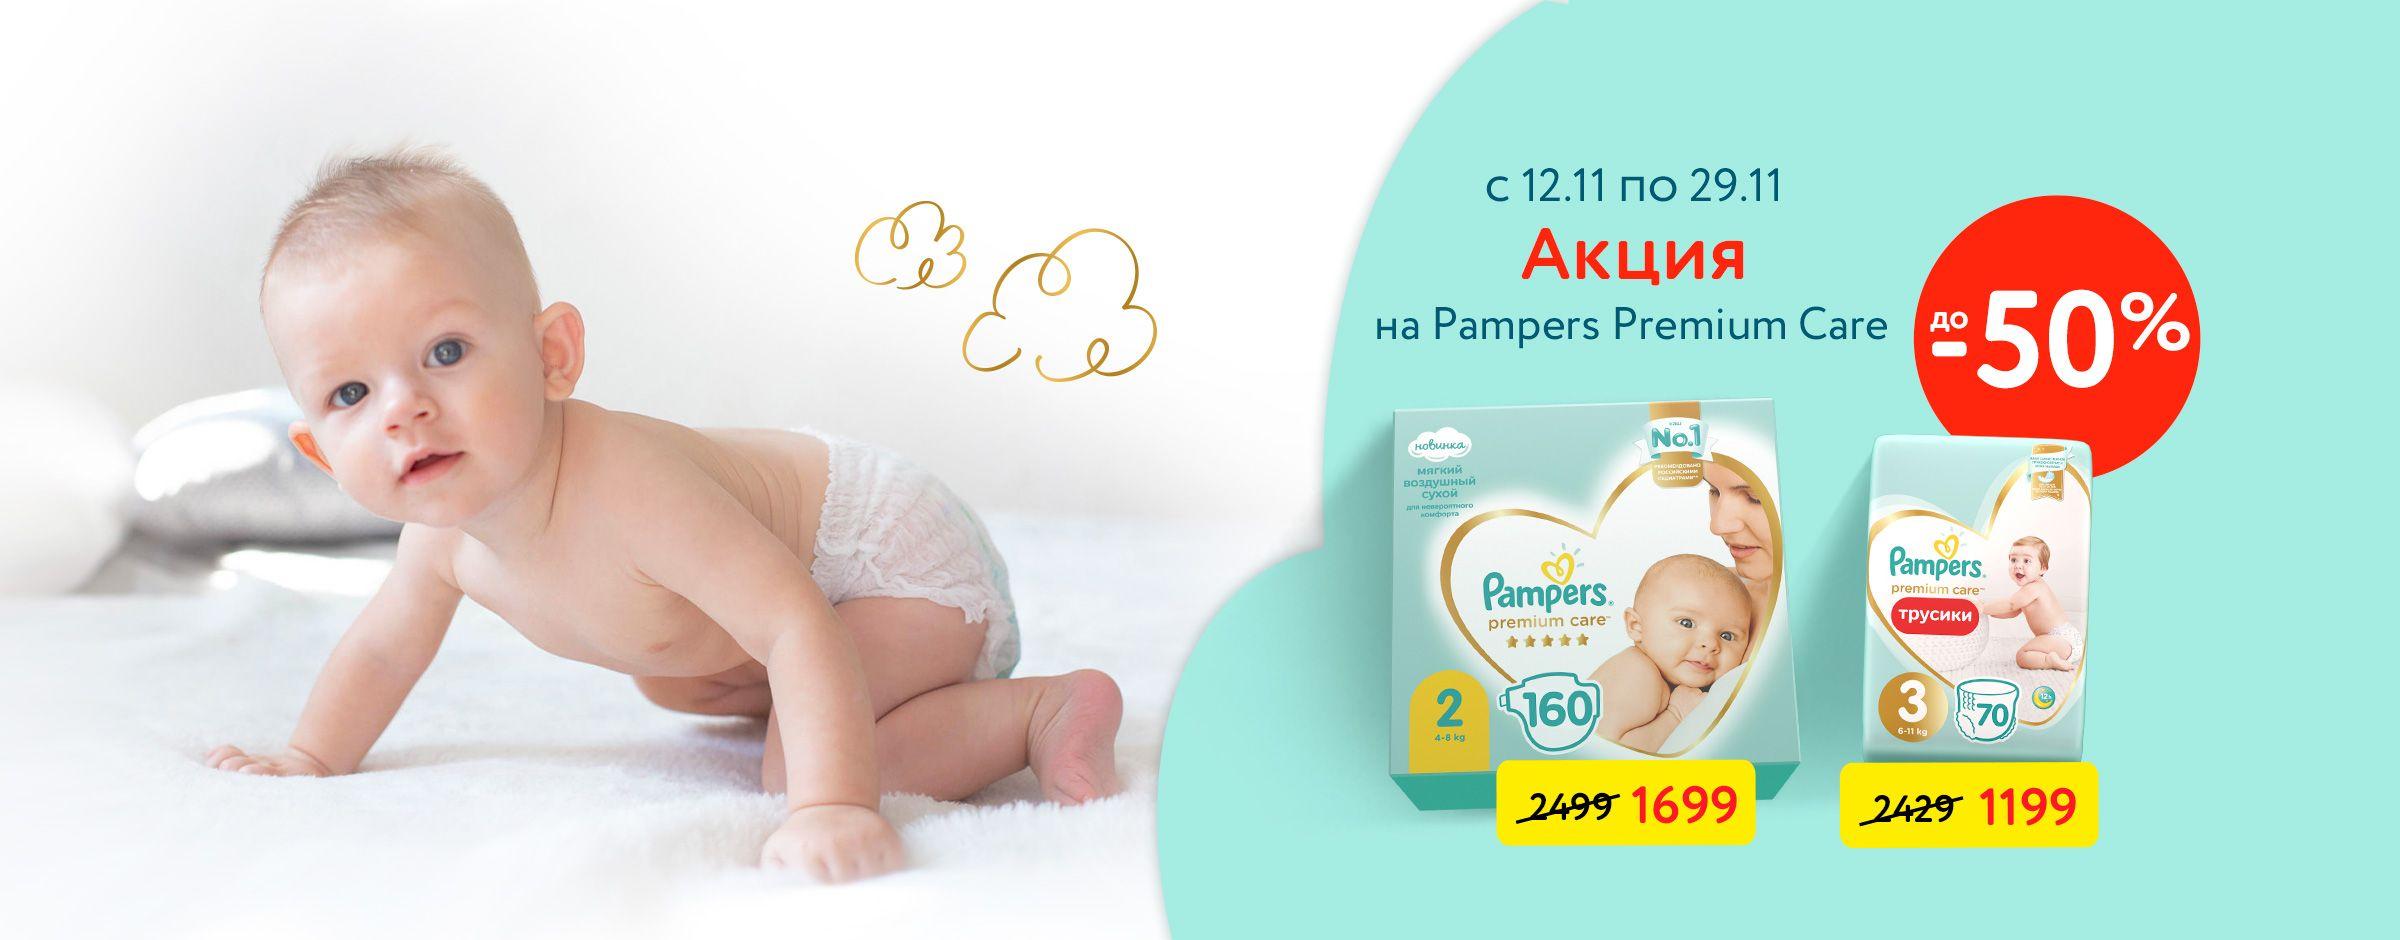 Pampers premium care Питание и Игрушки для малышей